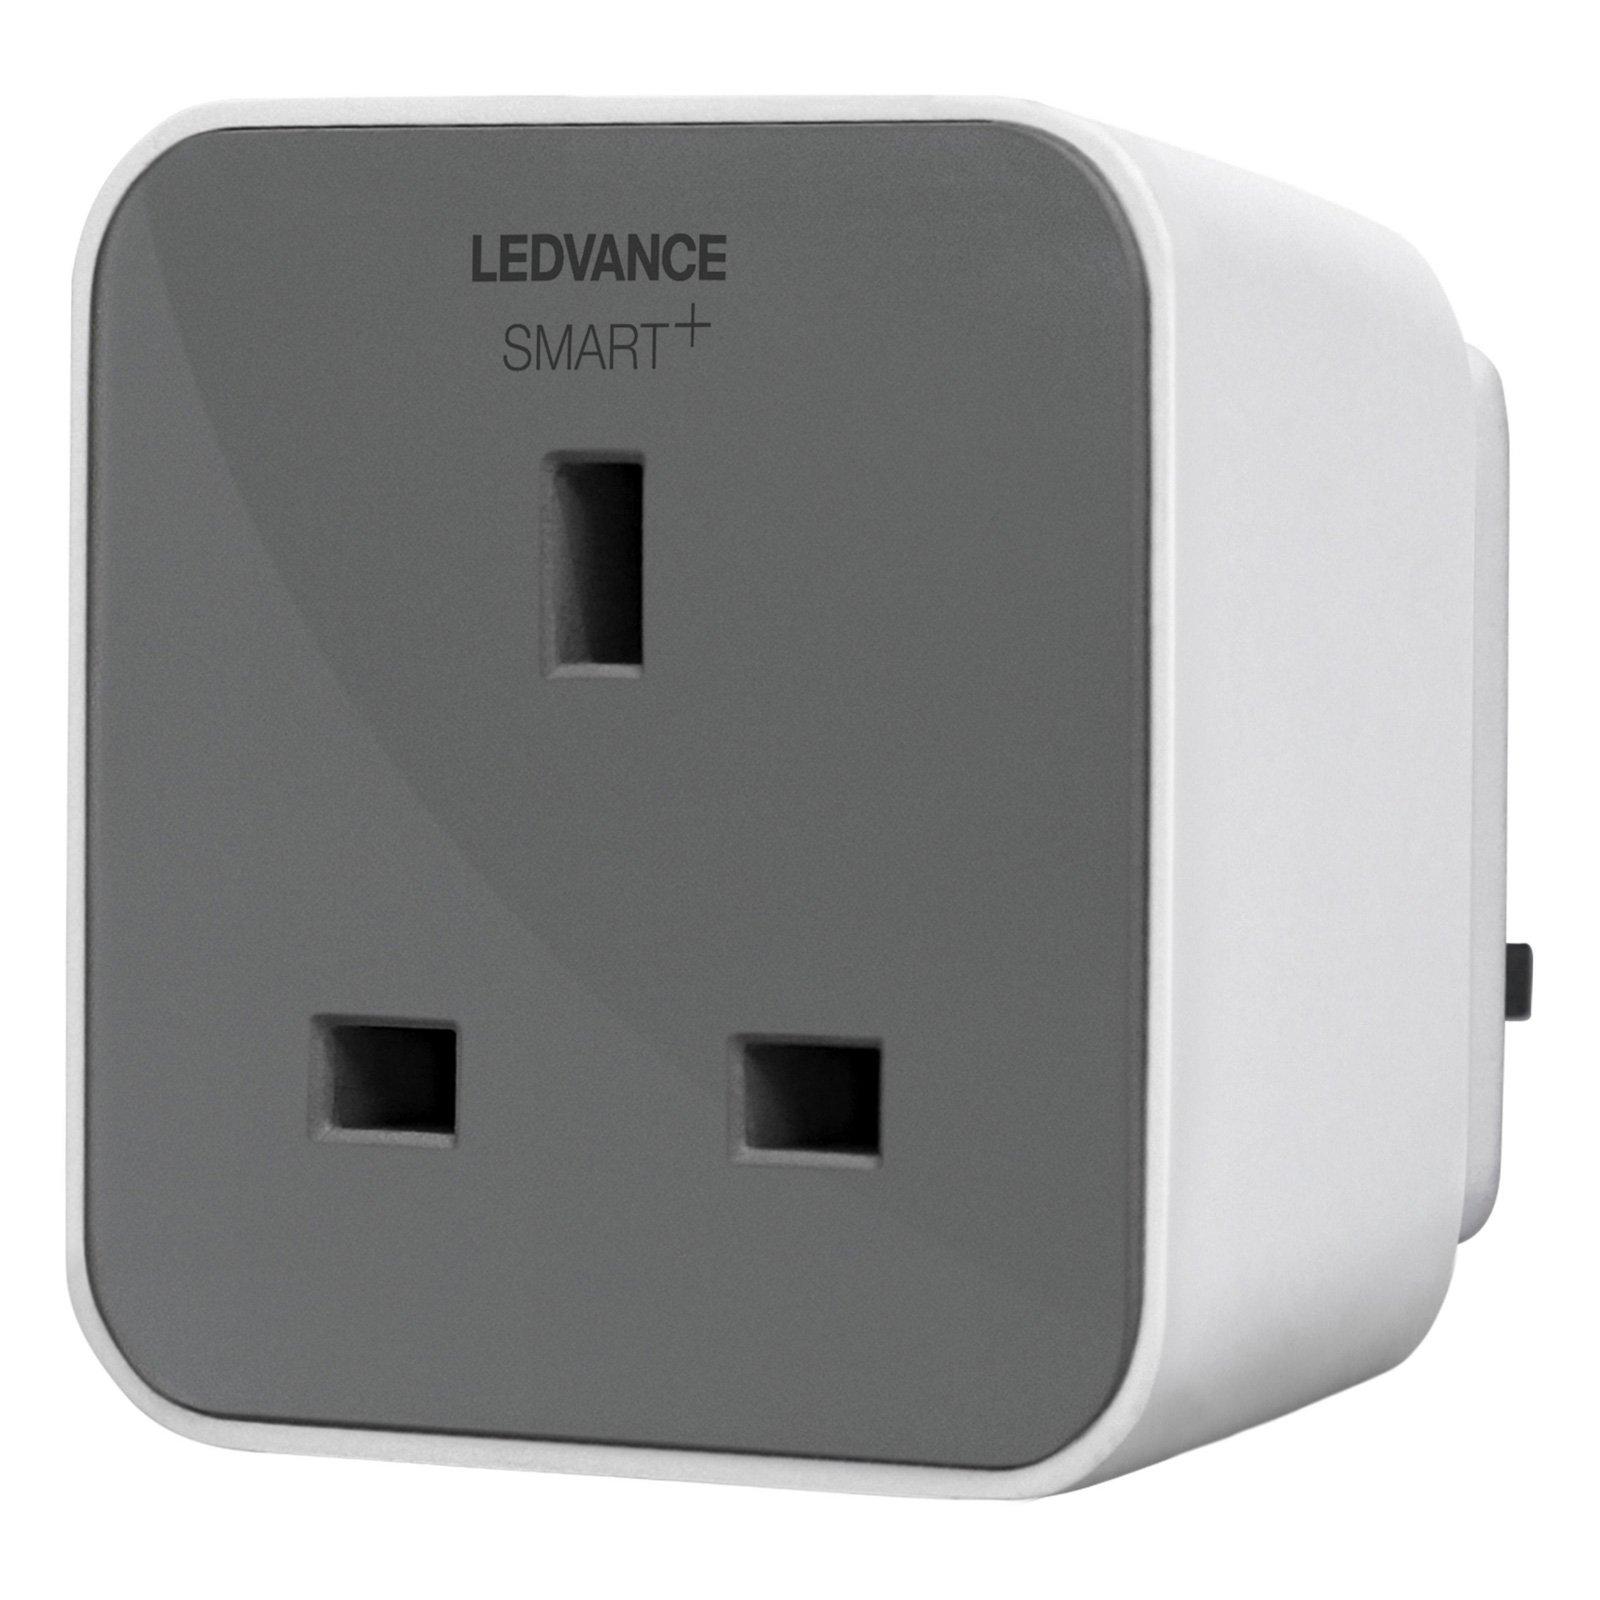 LEDVANCE SMART+ ZigBee Plug UK